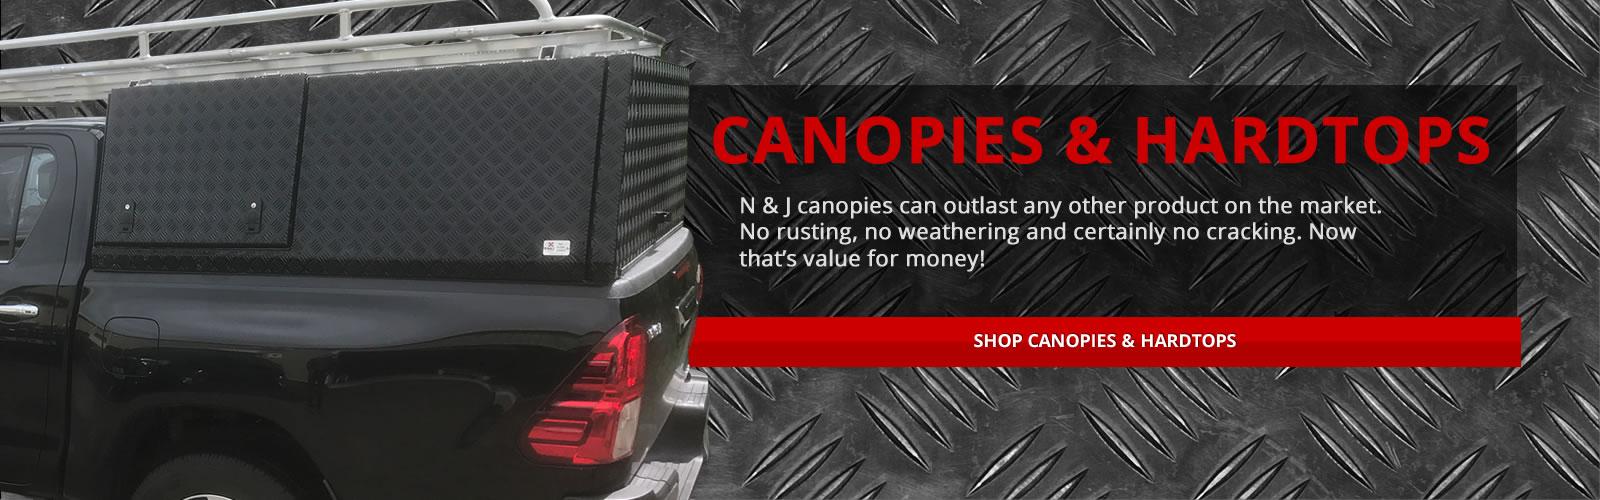 Canopies & Hardtops